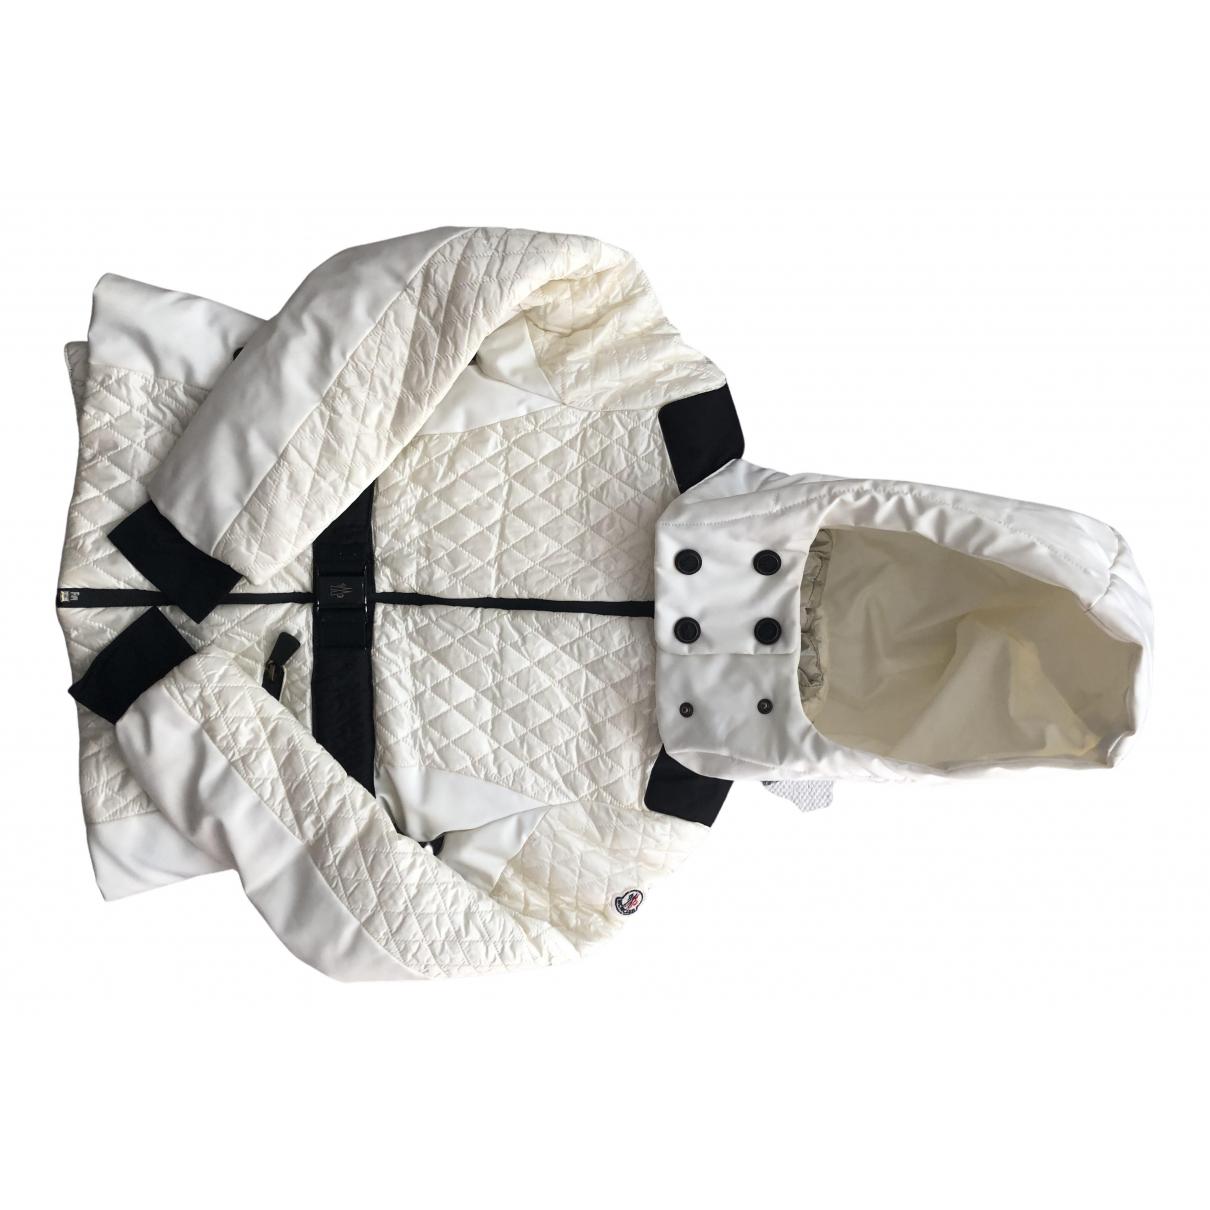 Moncler - Les ensembles   pour enfant - blanc